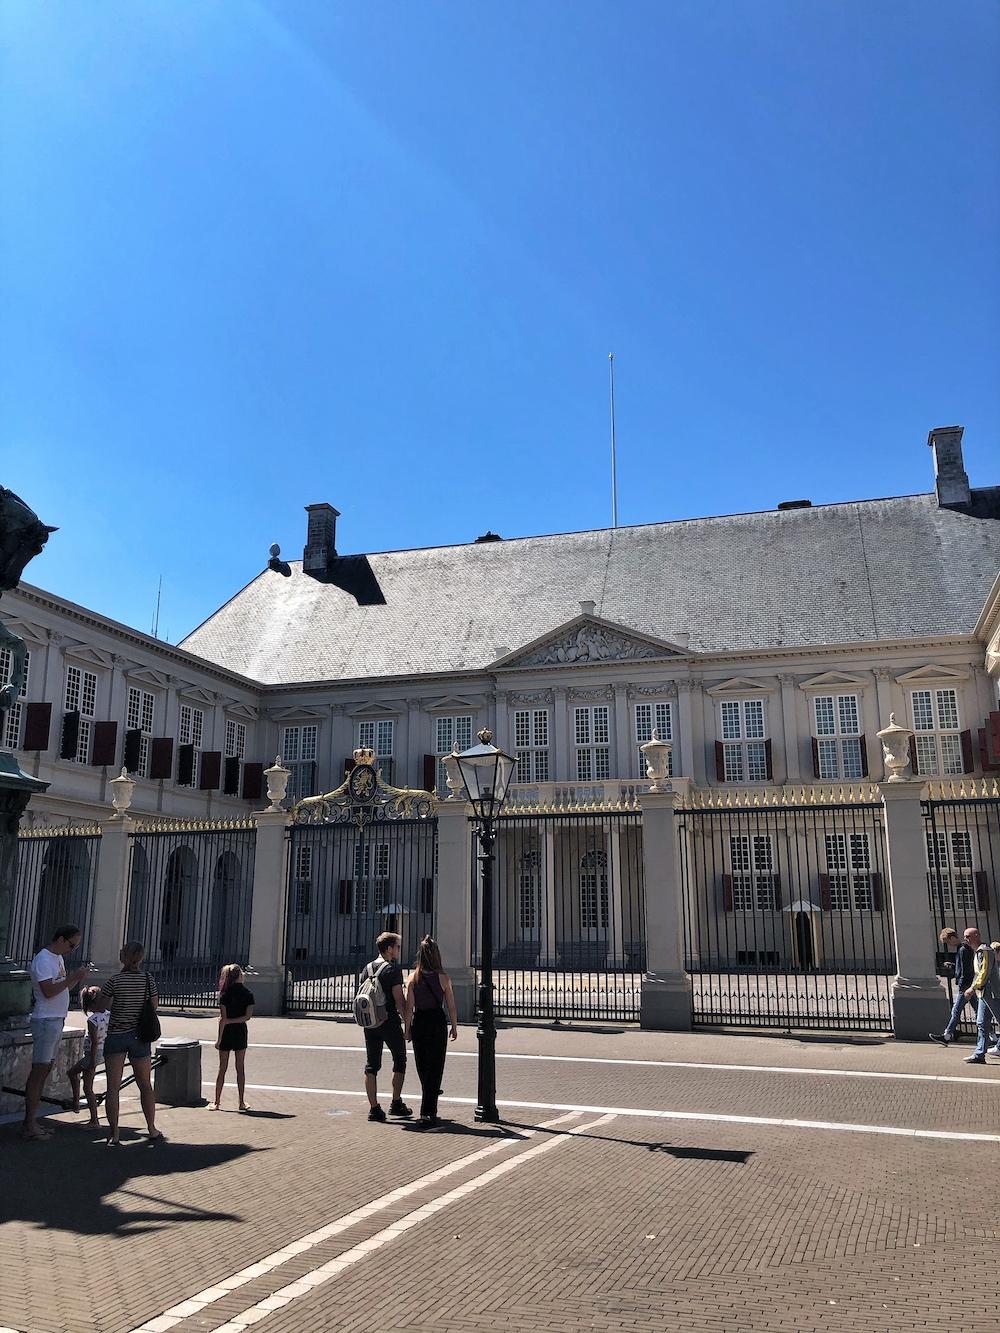 Het Paleis Noordeinde is al eeuwen oud en is de plek waar grote gebeurtenissen voor de koninklijke familie plaats vinden. Bij het paleis zit ook een tuin, waar je in alle rust kan genieten tussen de bloemen, vijver en de oude bomen.